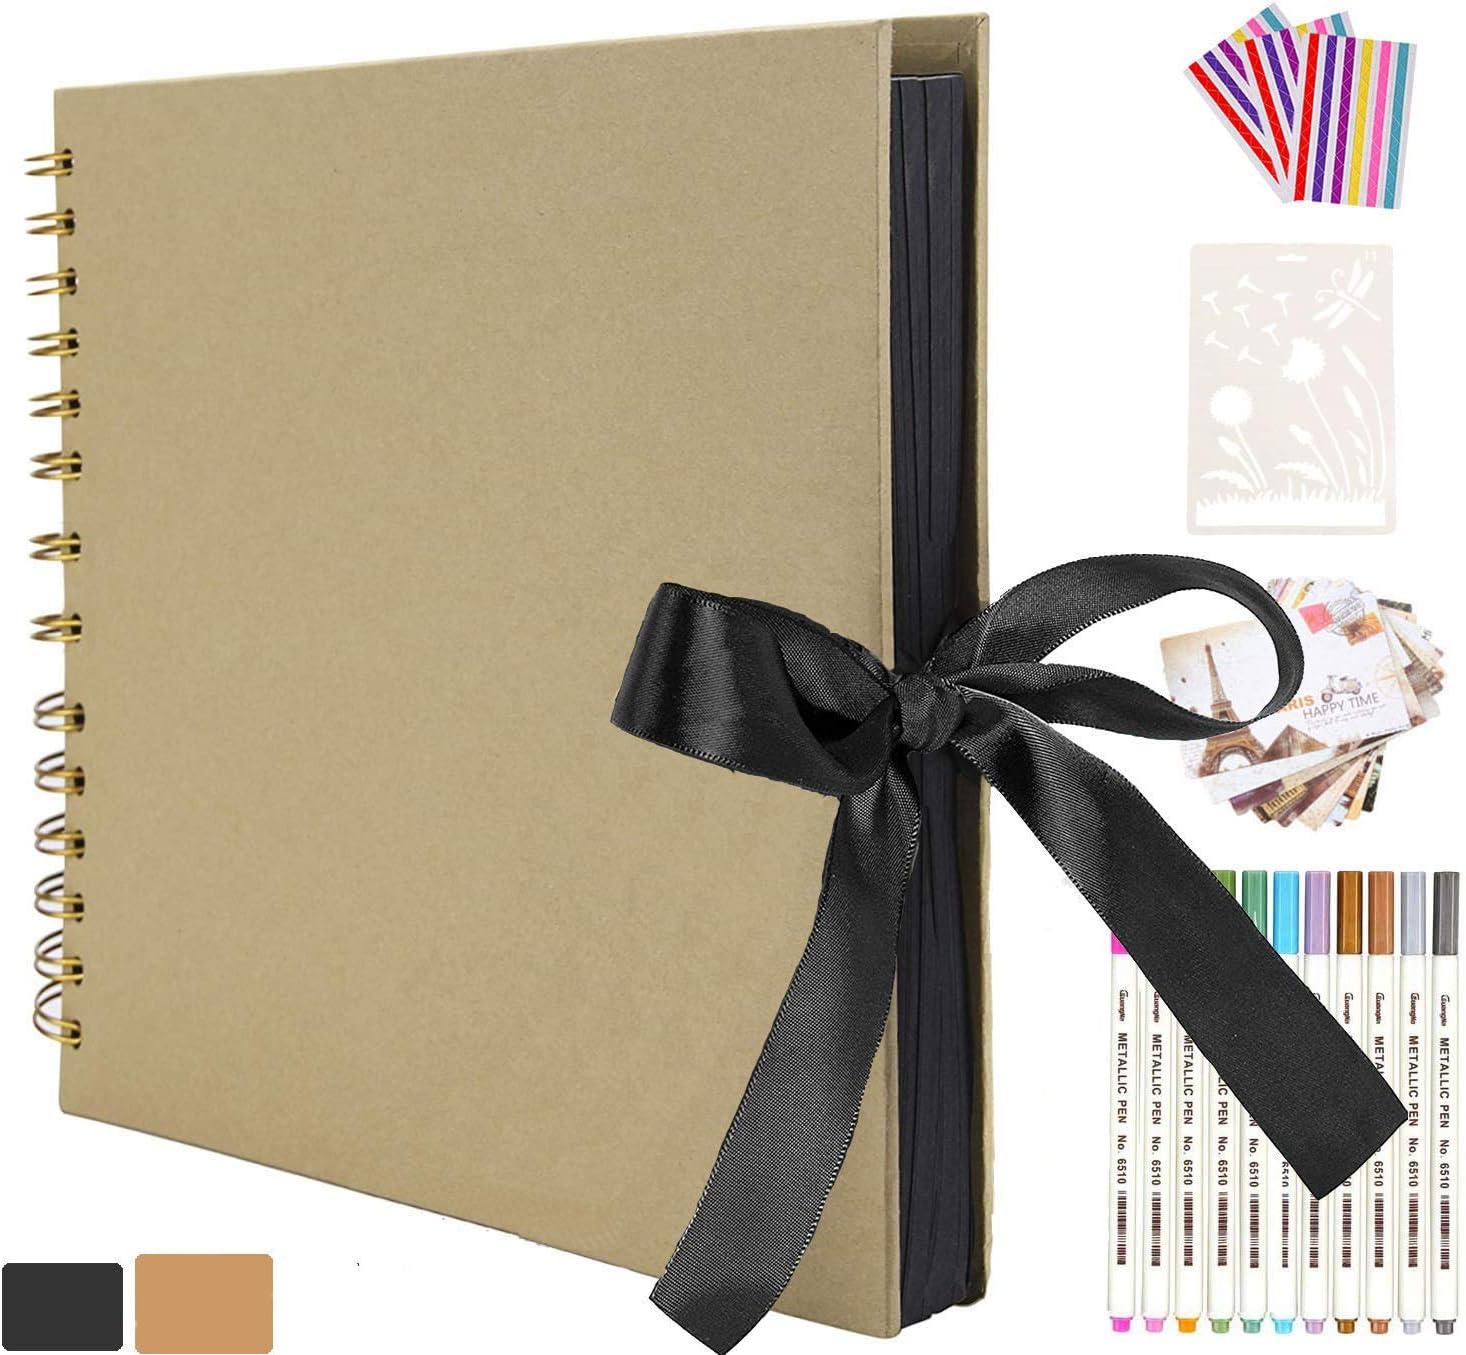 AIOR Album de Fotos Scrapbook Espiral, 80 Páginas Negras (40 Hojas), DIY Álbum de Recortes Original para Boda Aniversario de Boda de Oro Cumpleaños Navidad para Mujer Niña Novia Regalos (Amarillo)